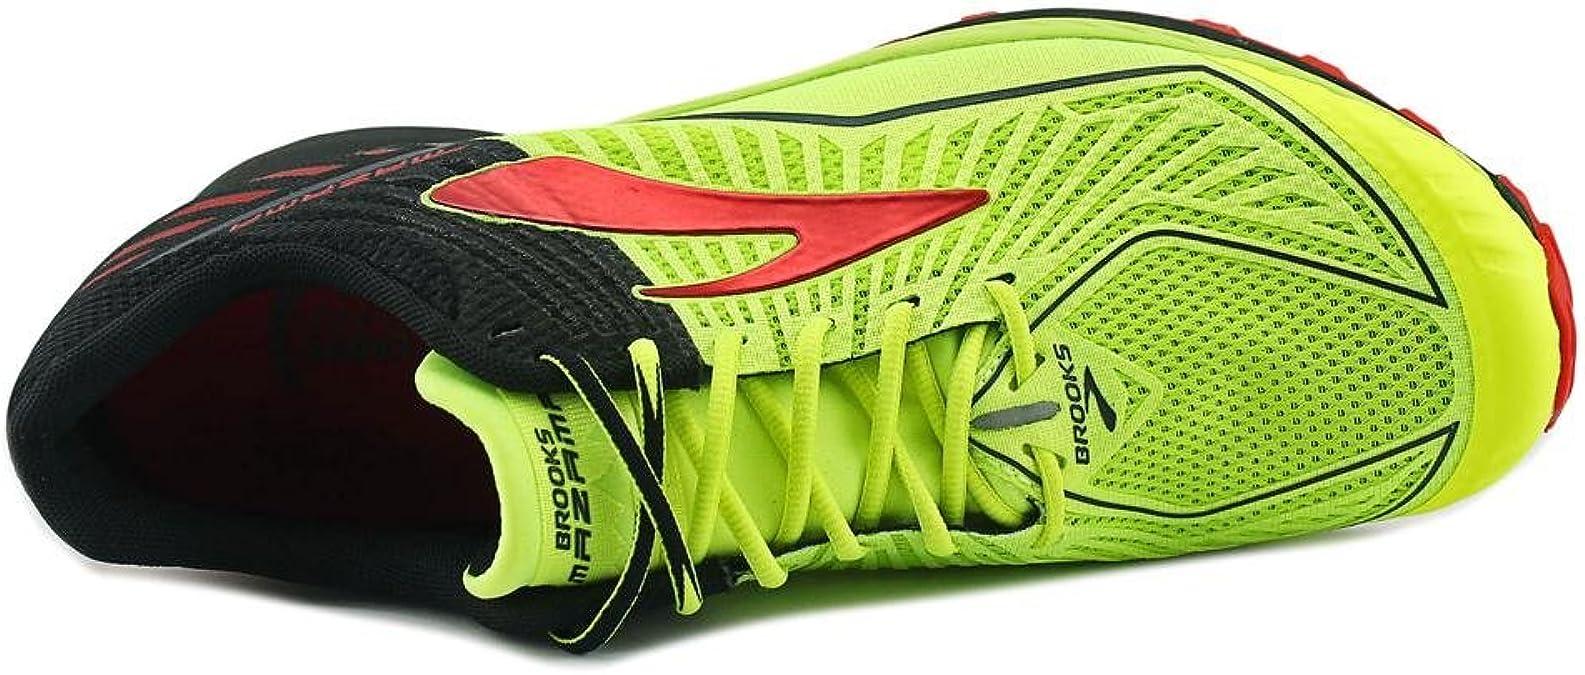 Brooks Mazama - Zapatillas de running trial, Amarillo (amarillo), 44 EU: Amazon.es: Zapatos y complementos